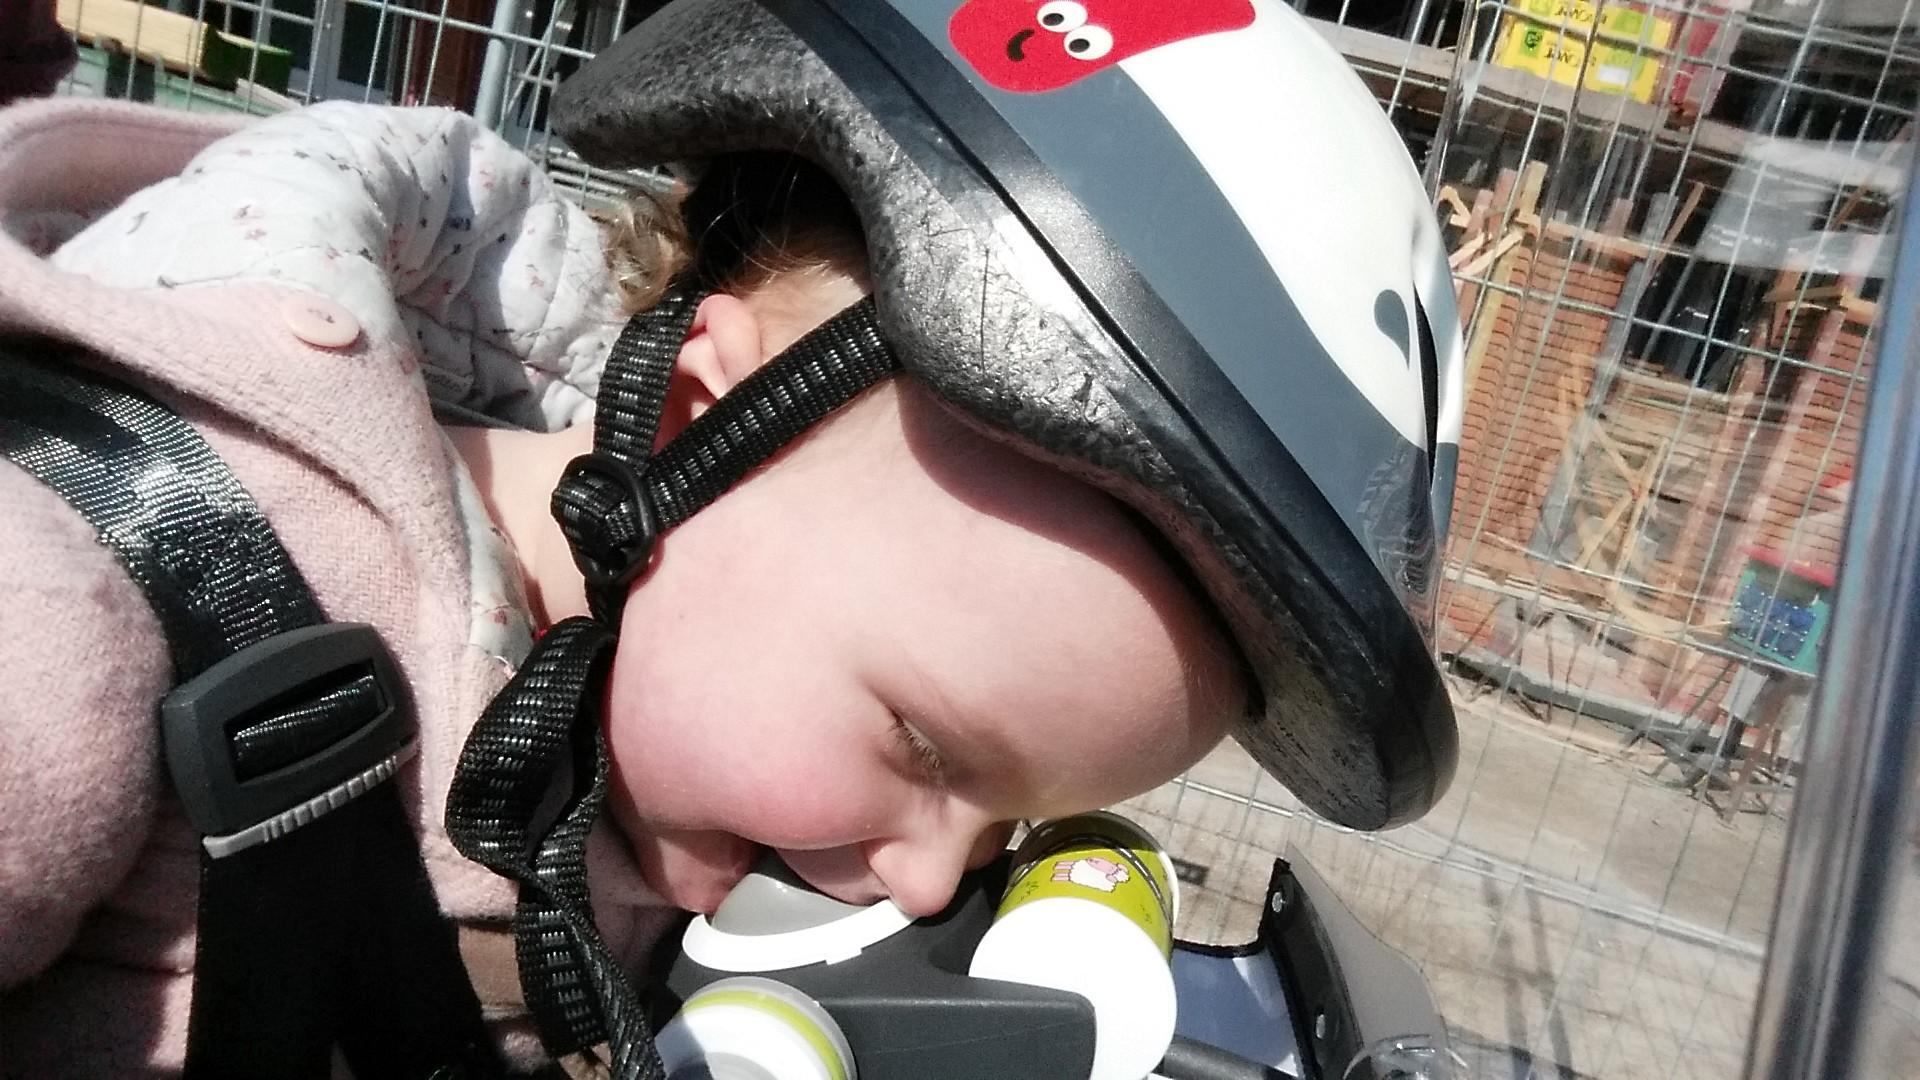 4-16-qibbel-fiets-fietszitje-voor-voorzitje-baby-13-kilo-kilogram-baby-zes-maanden-op-de-fiets-ervaring-review-bijten